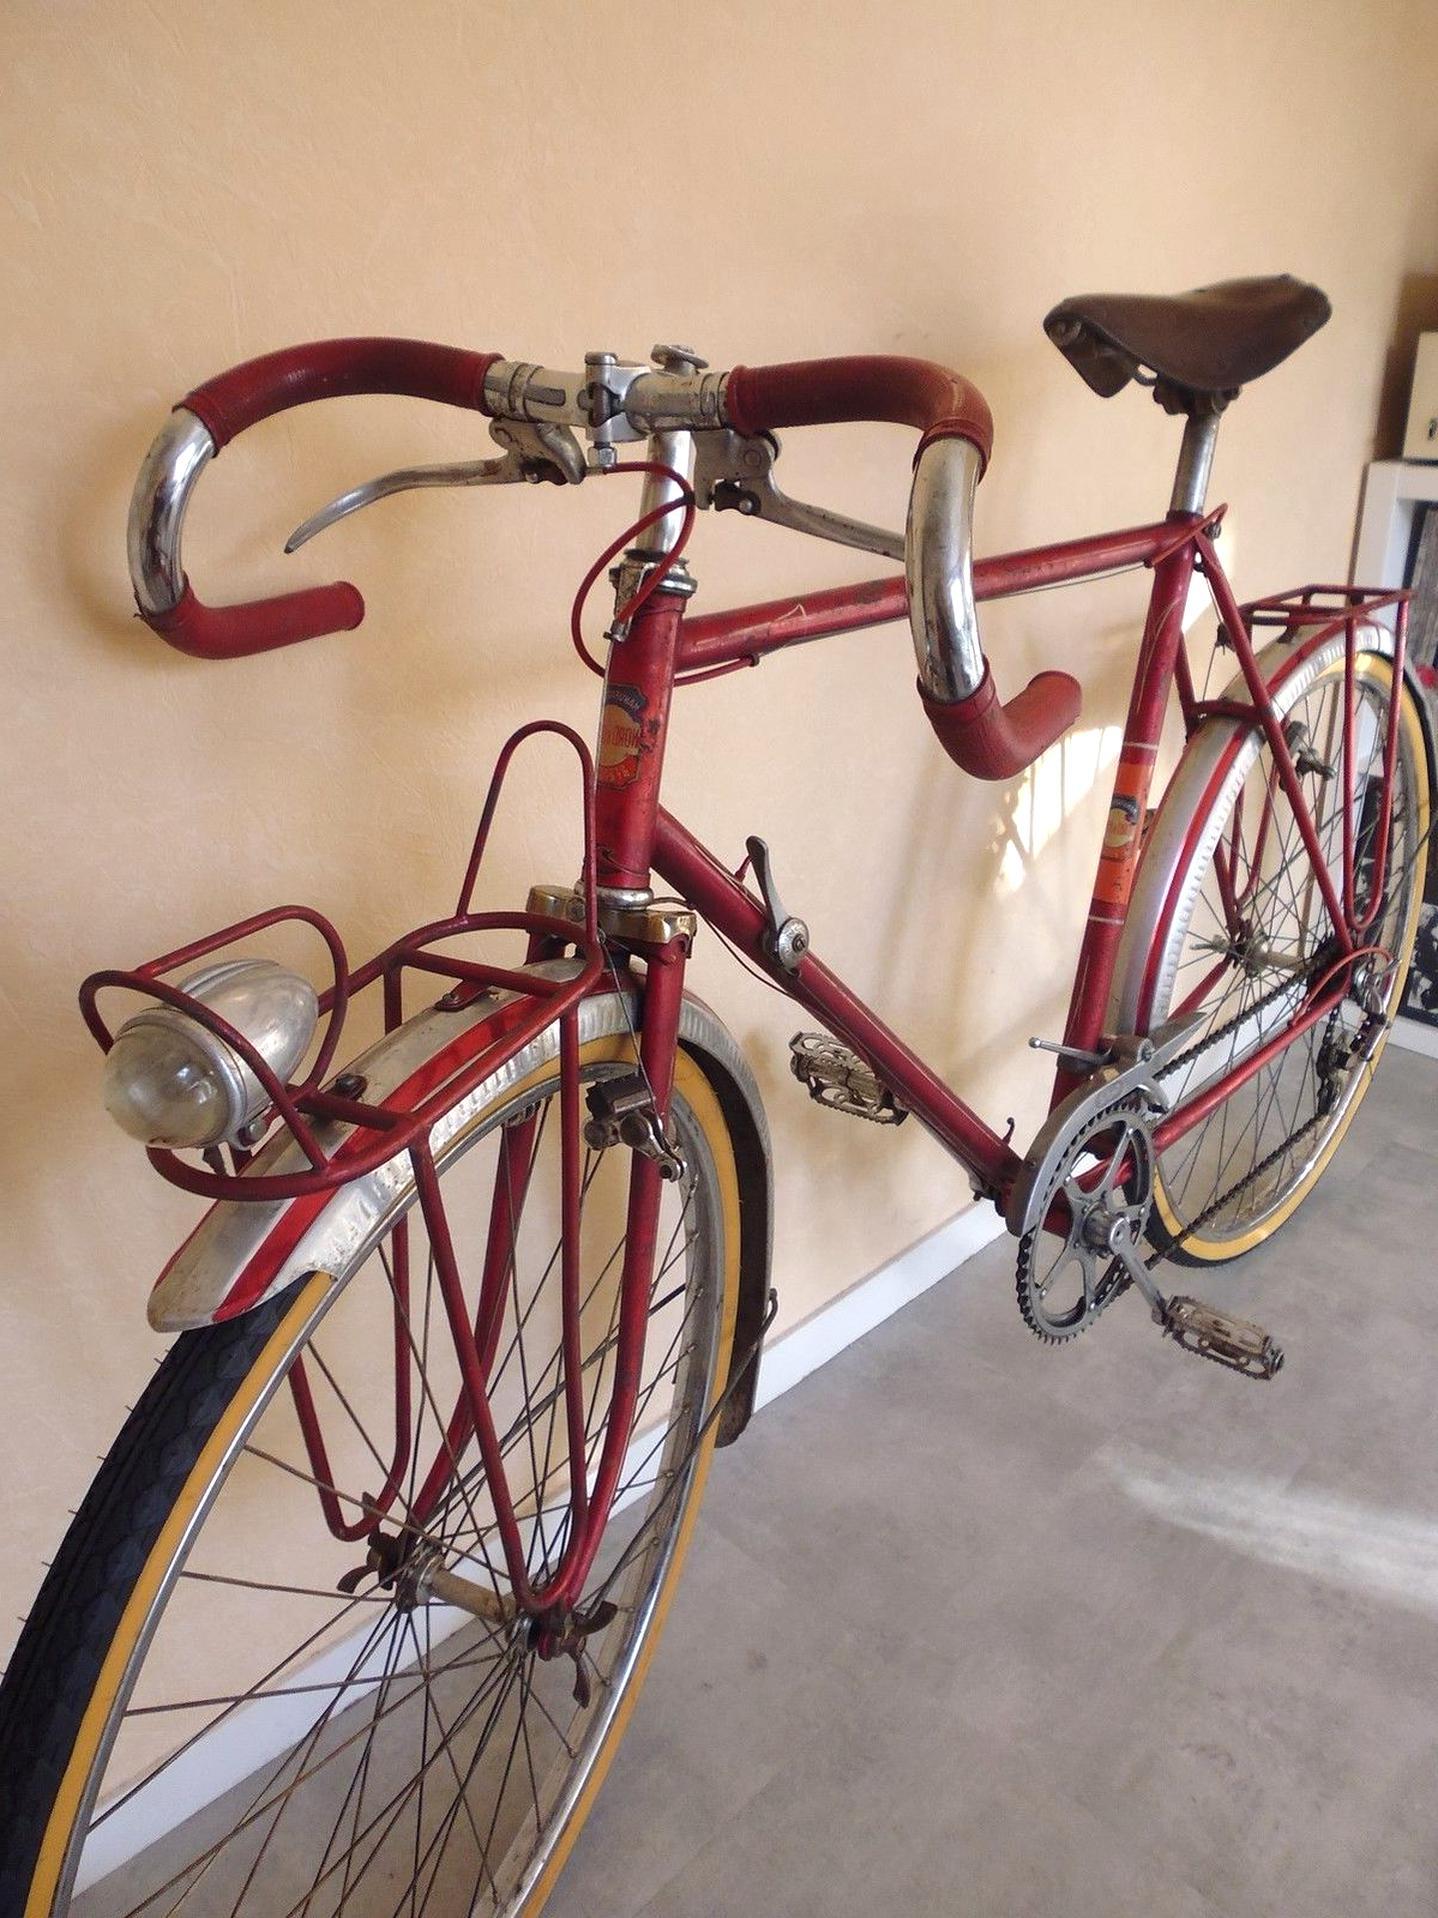 NOS 2 Tresse Velo Guidoplast VIOLET Tissus Randonneuse Herse Singer Vintage Bike